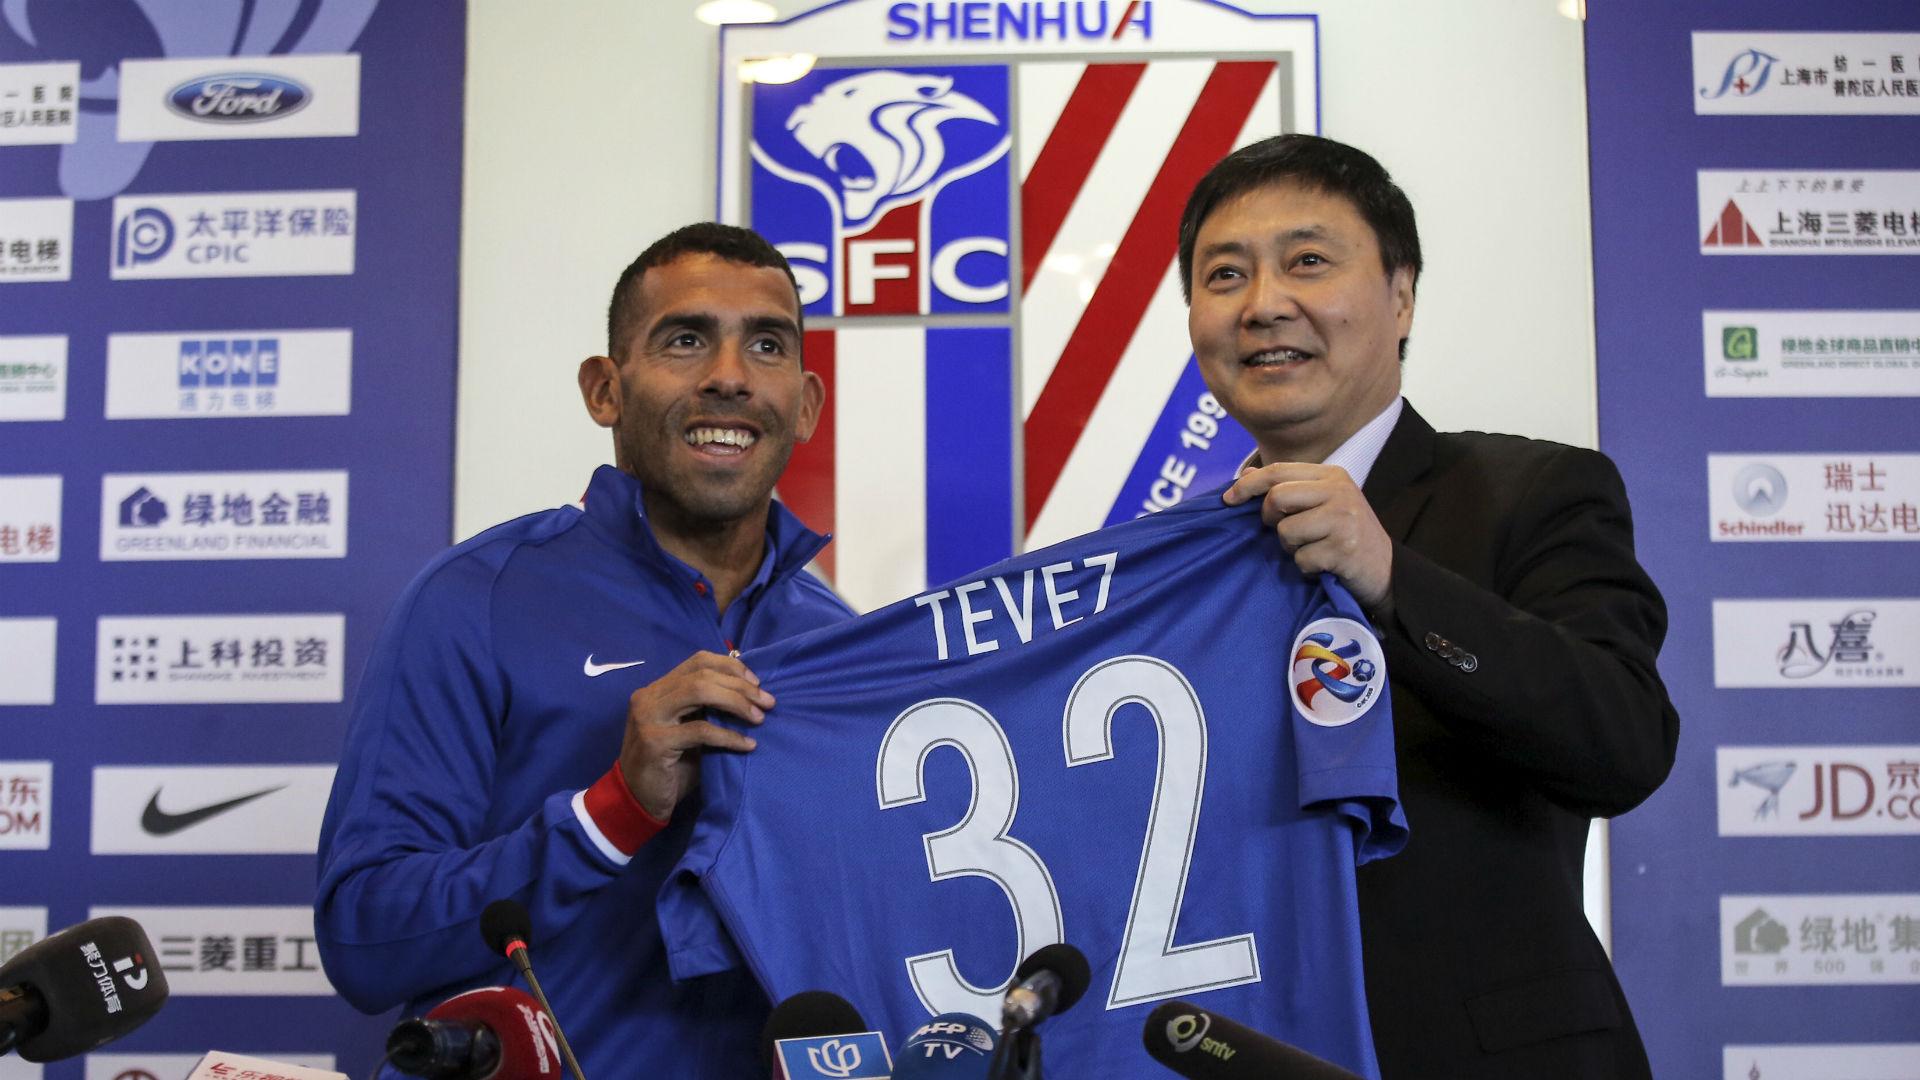 Carlos Tevez Shanghai Shenhua 21012017